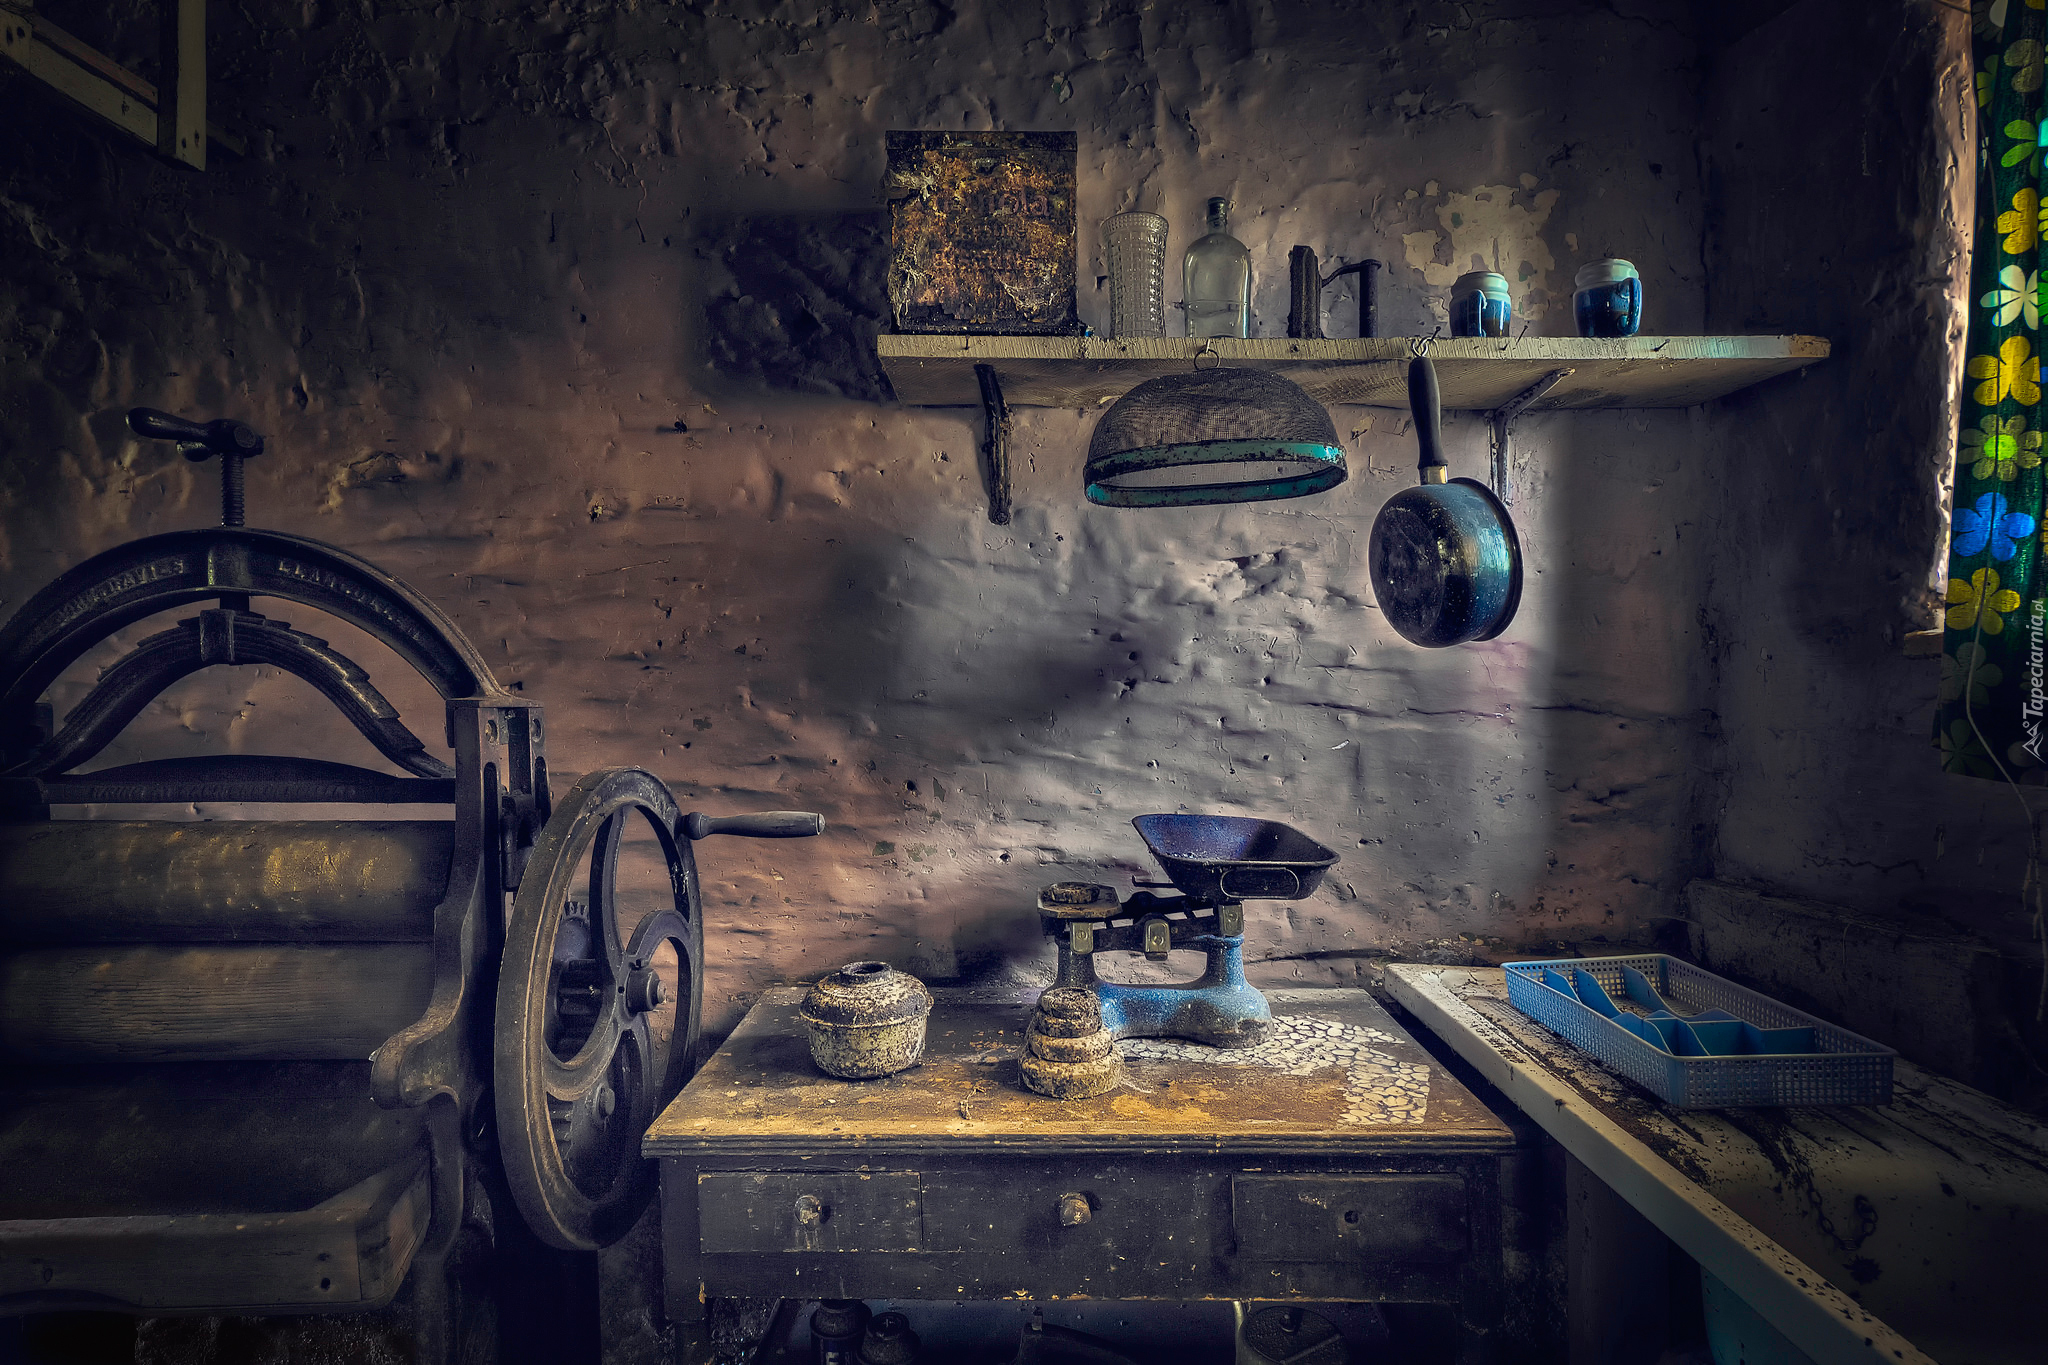 Magiel Ręczny W Starej Zniszczonej Kuchni